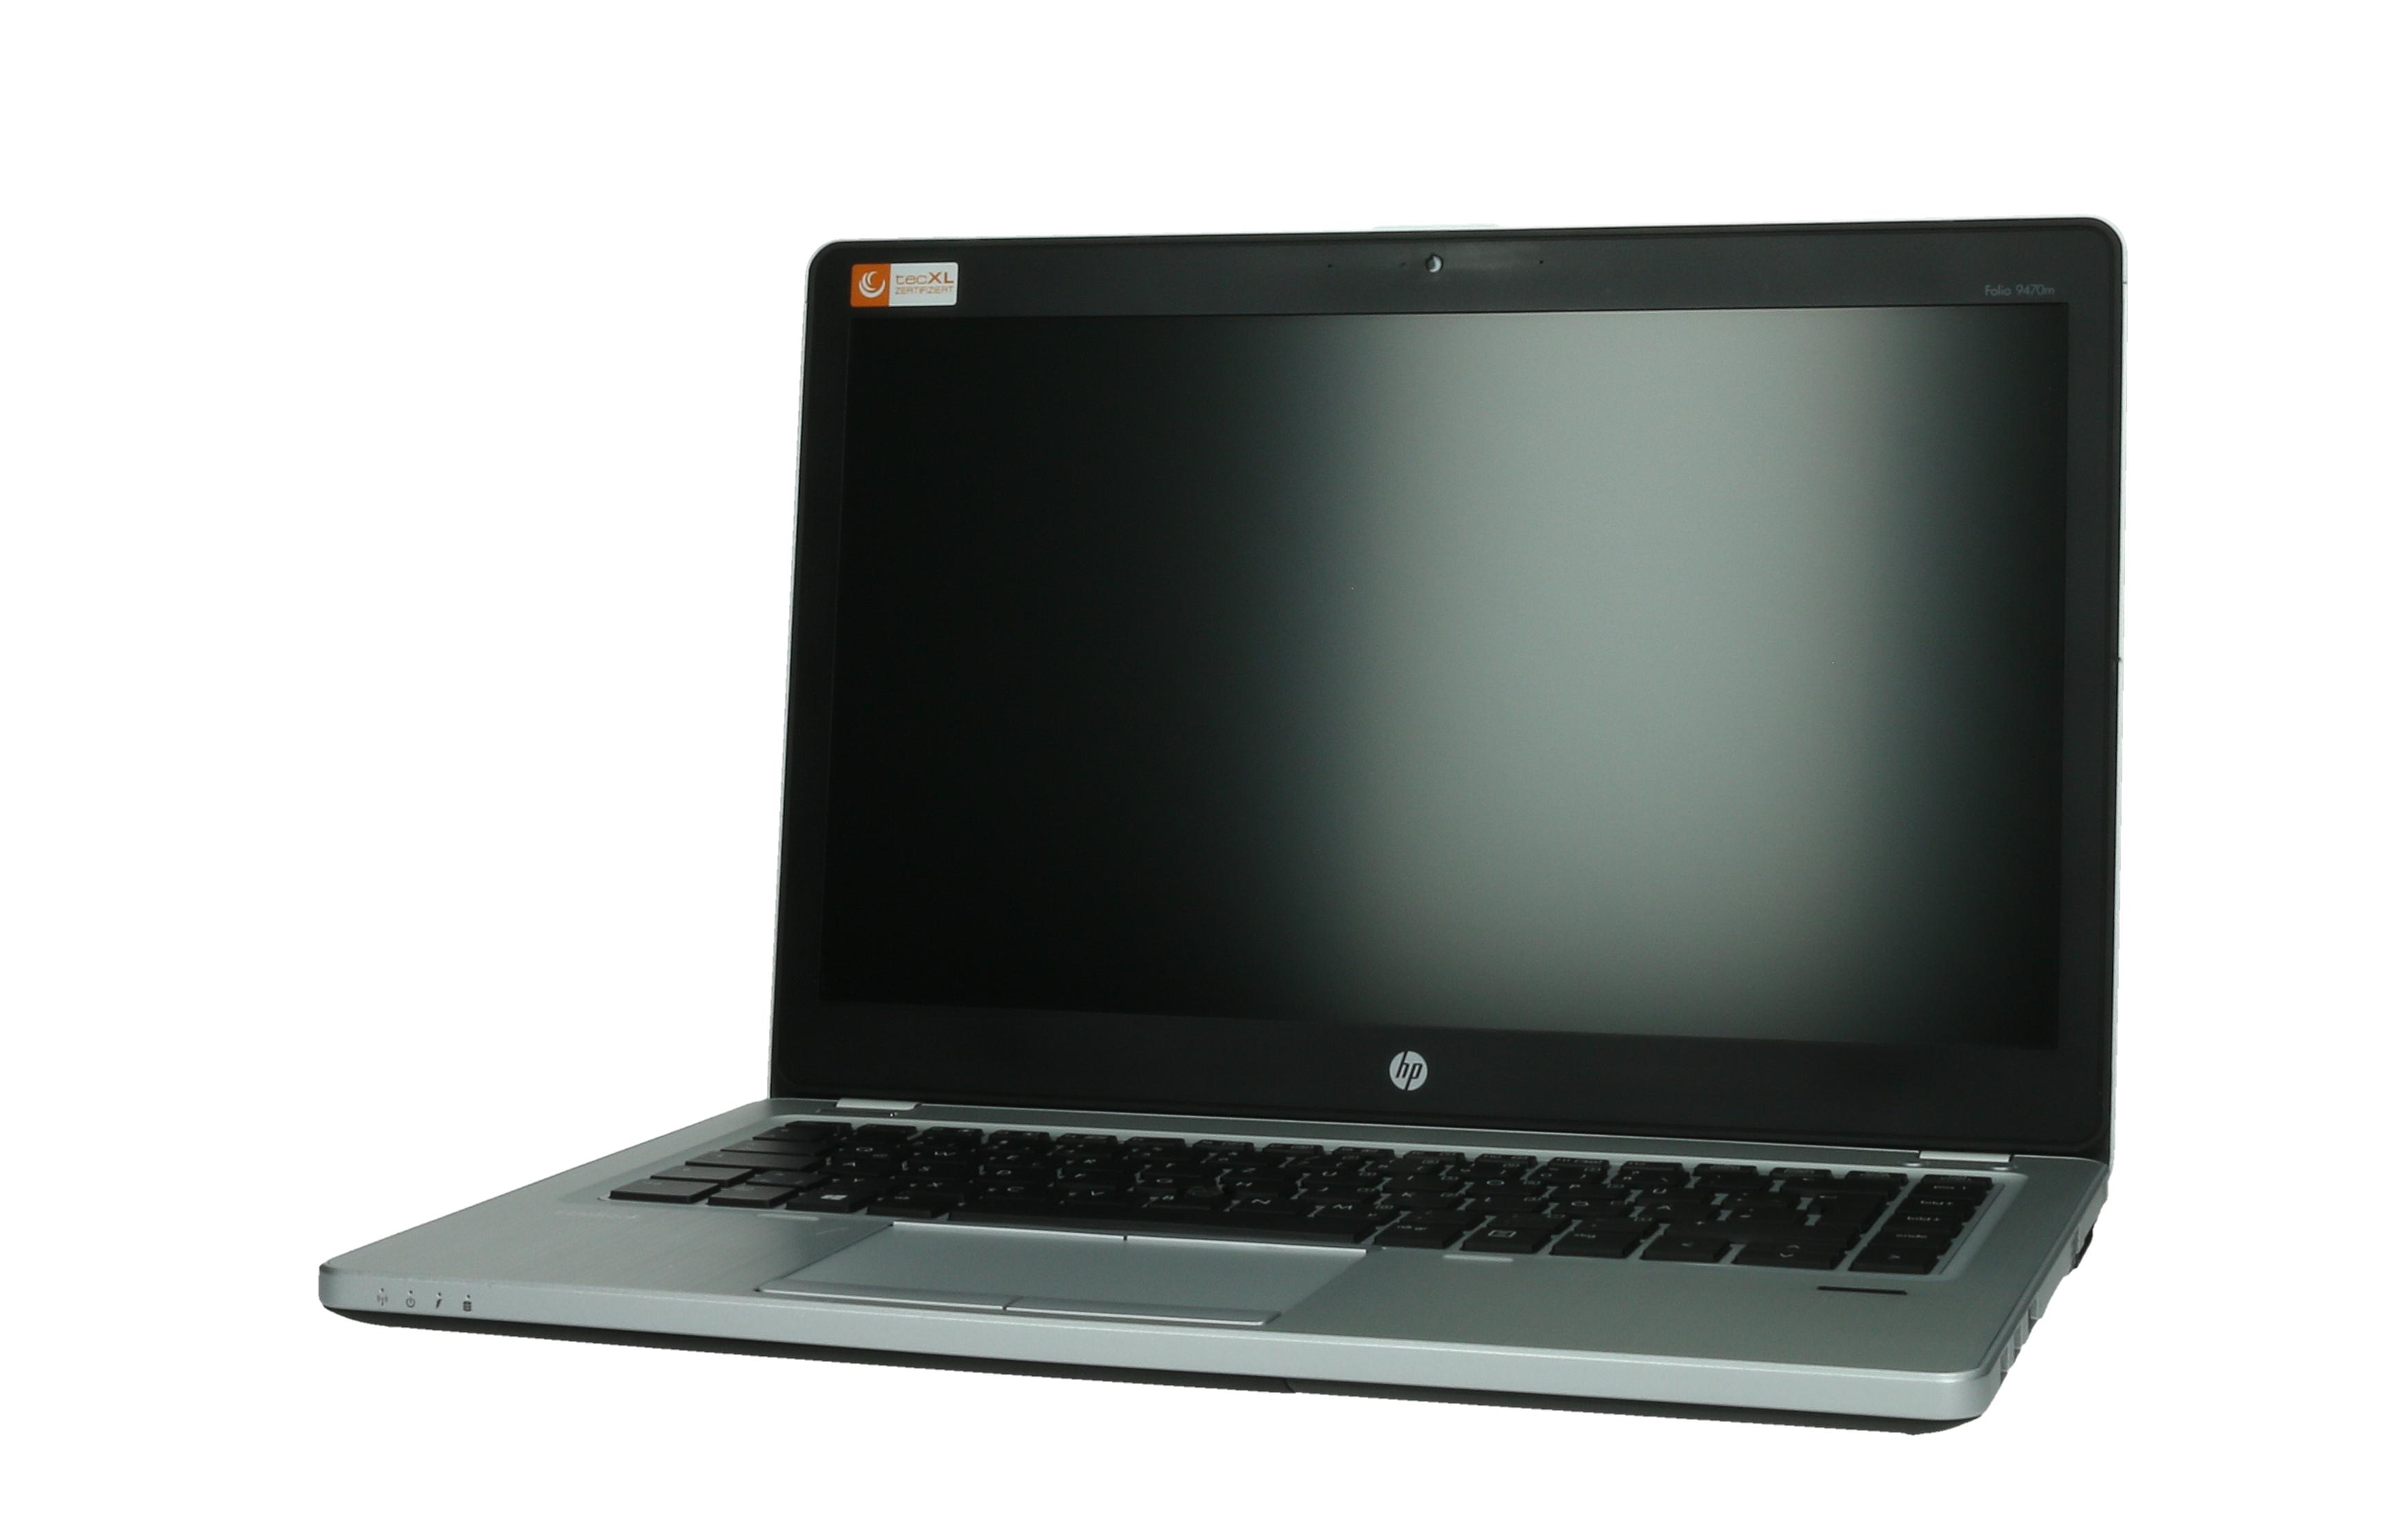 Hewlett Packard Elitebook Folio 9470m